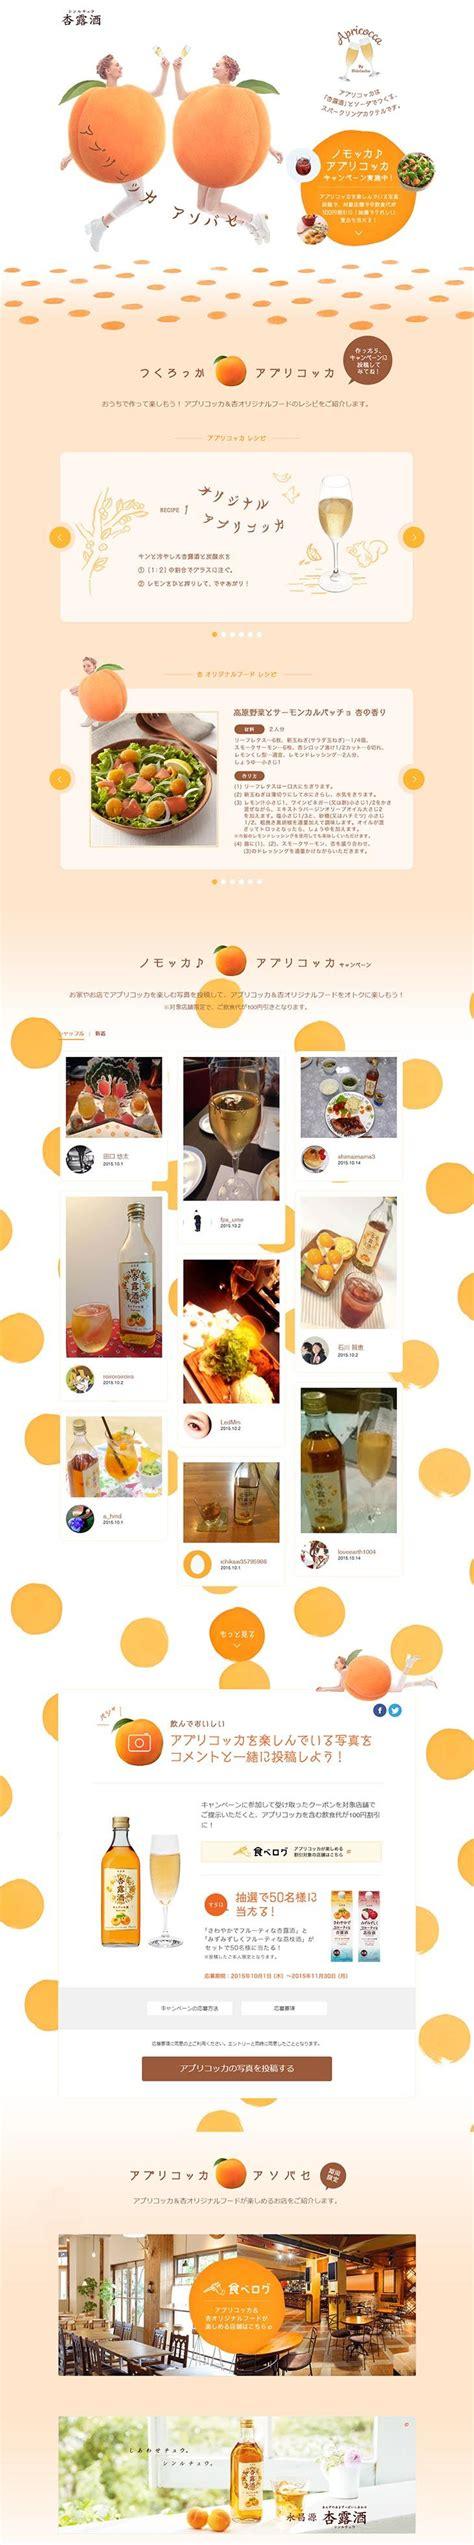 pattern auf website 23490 besten design bilder auf pinterest webdesign